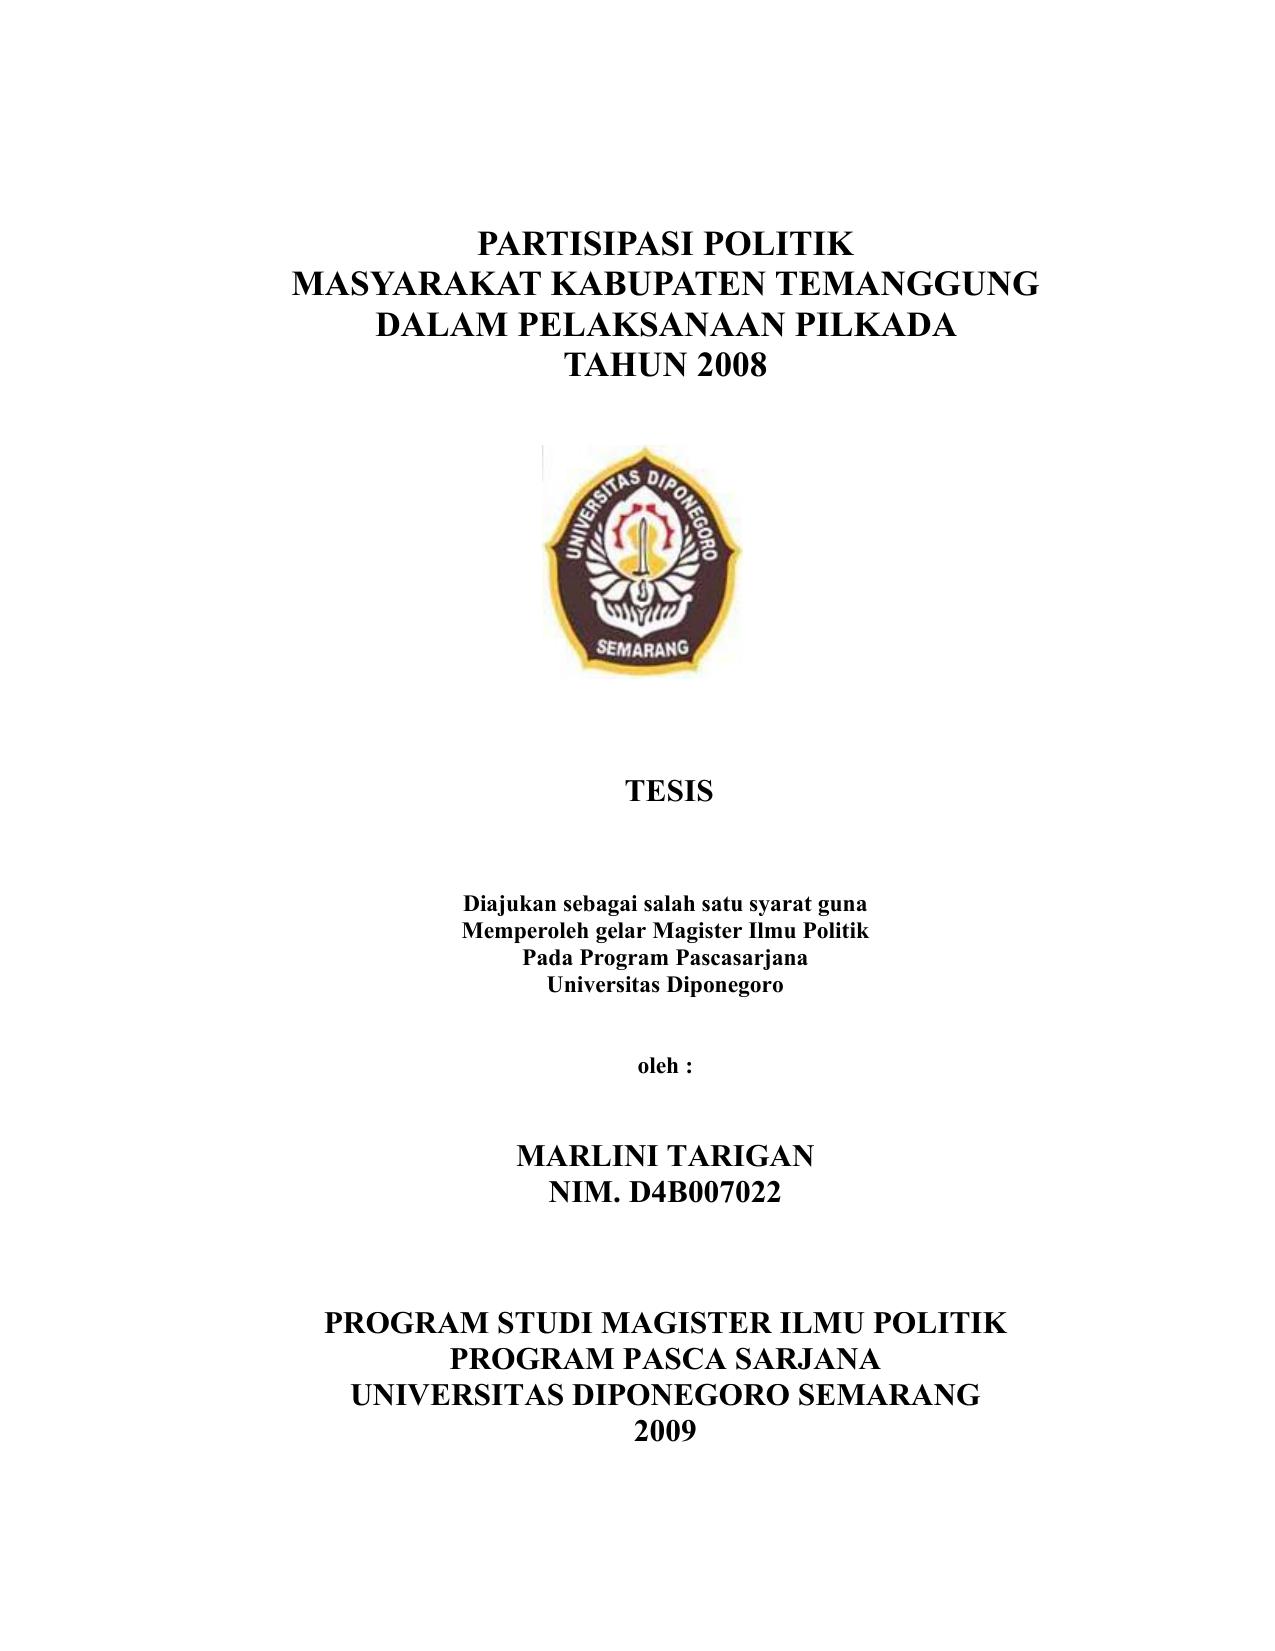 Partisipasi Politik Masyarakat Kabupaten